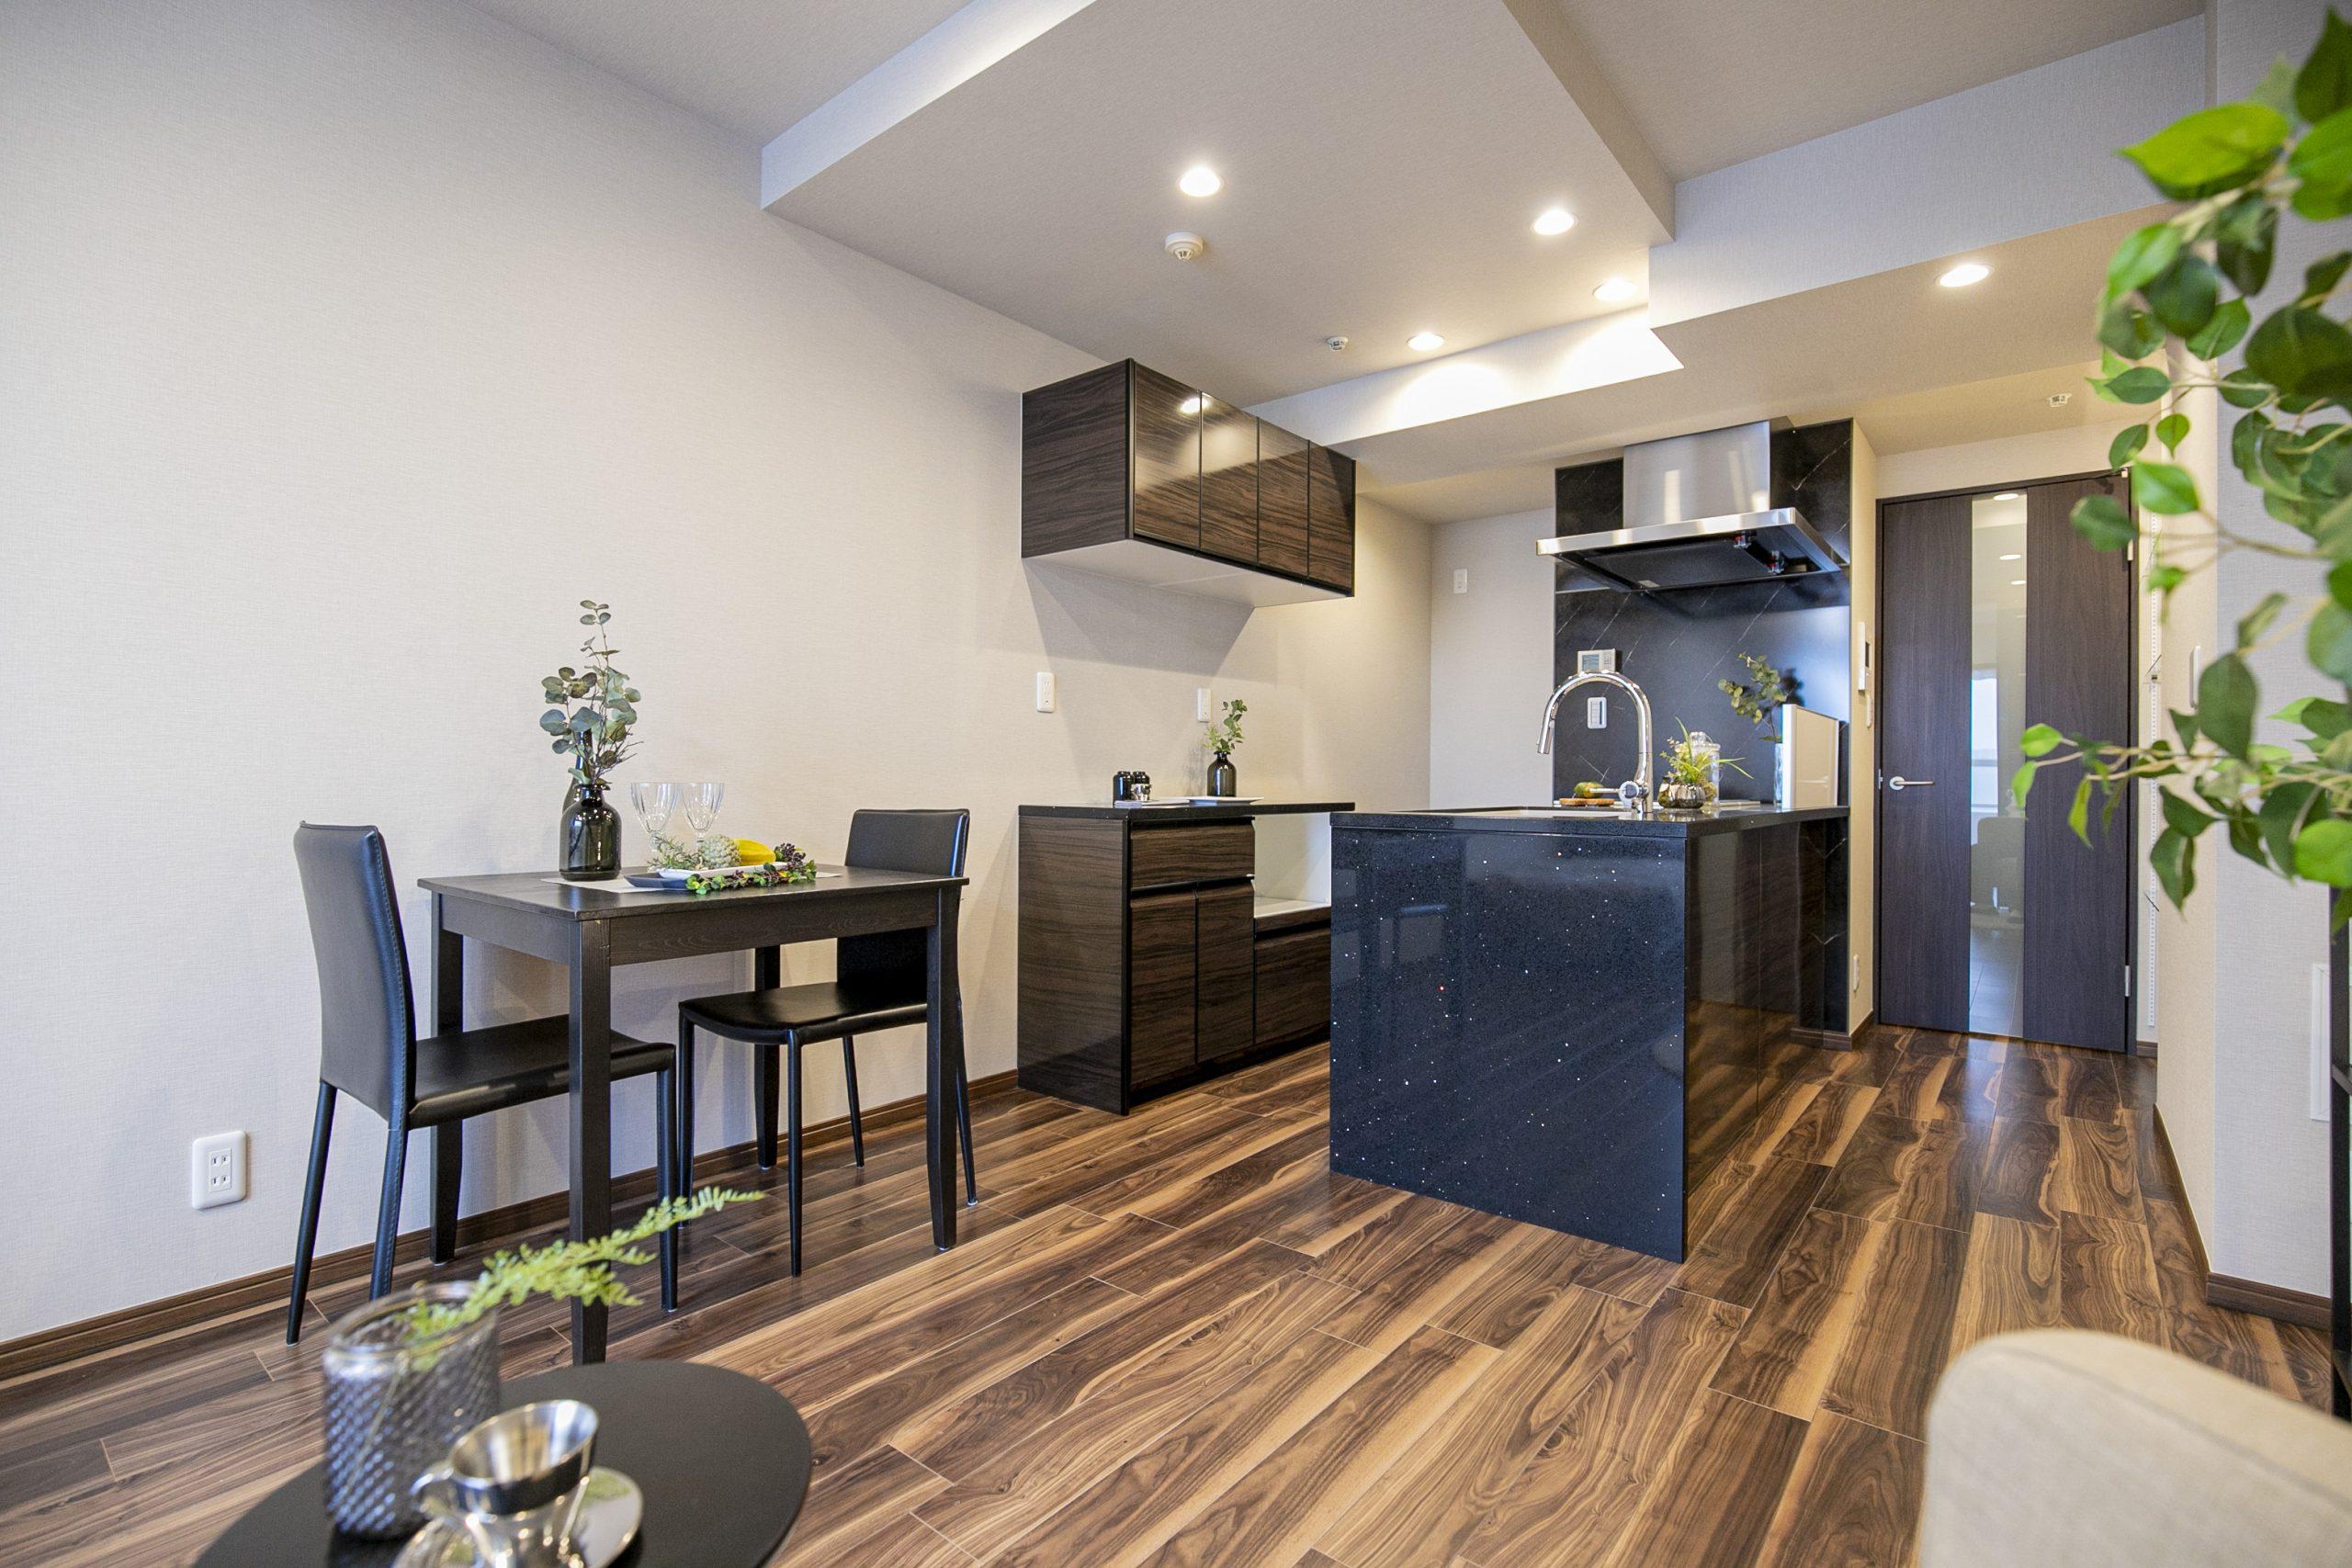 代官山 豊さの幅を広げるキッチン